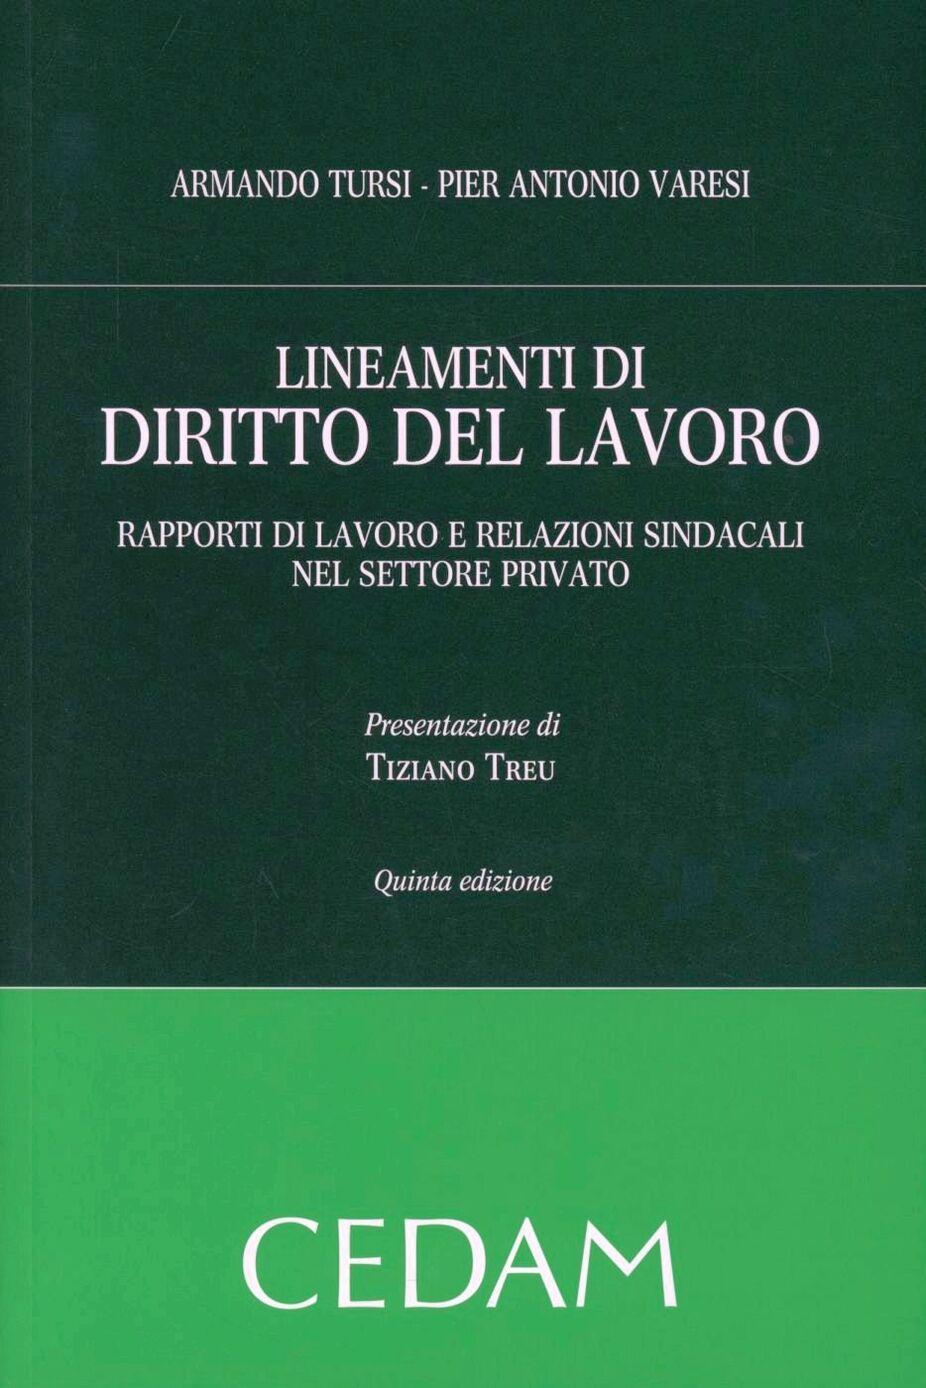 Lineamenti di diritto del lavoro. Rapporti di lavoro e relazioni sindacali nel settore privato